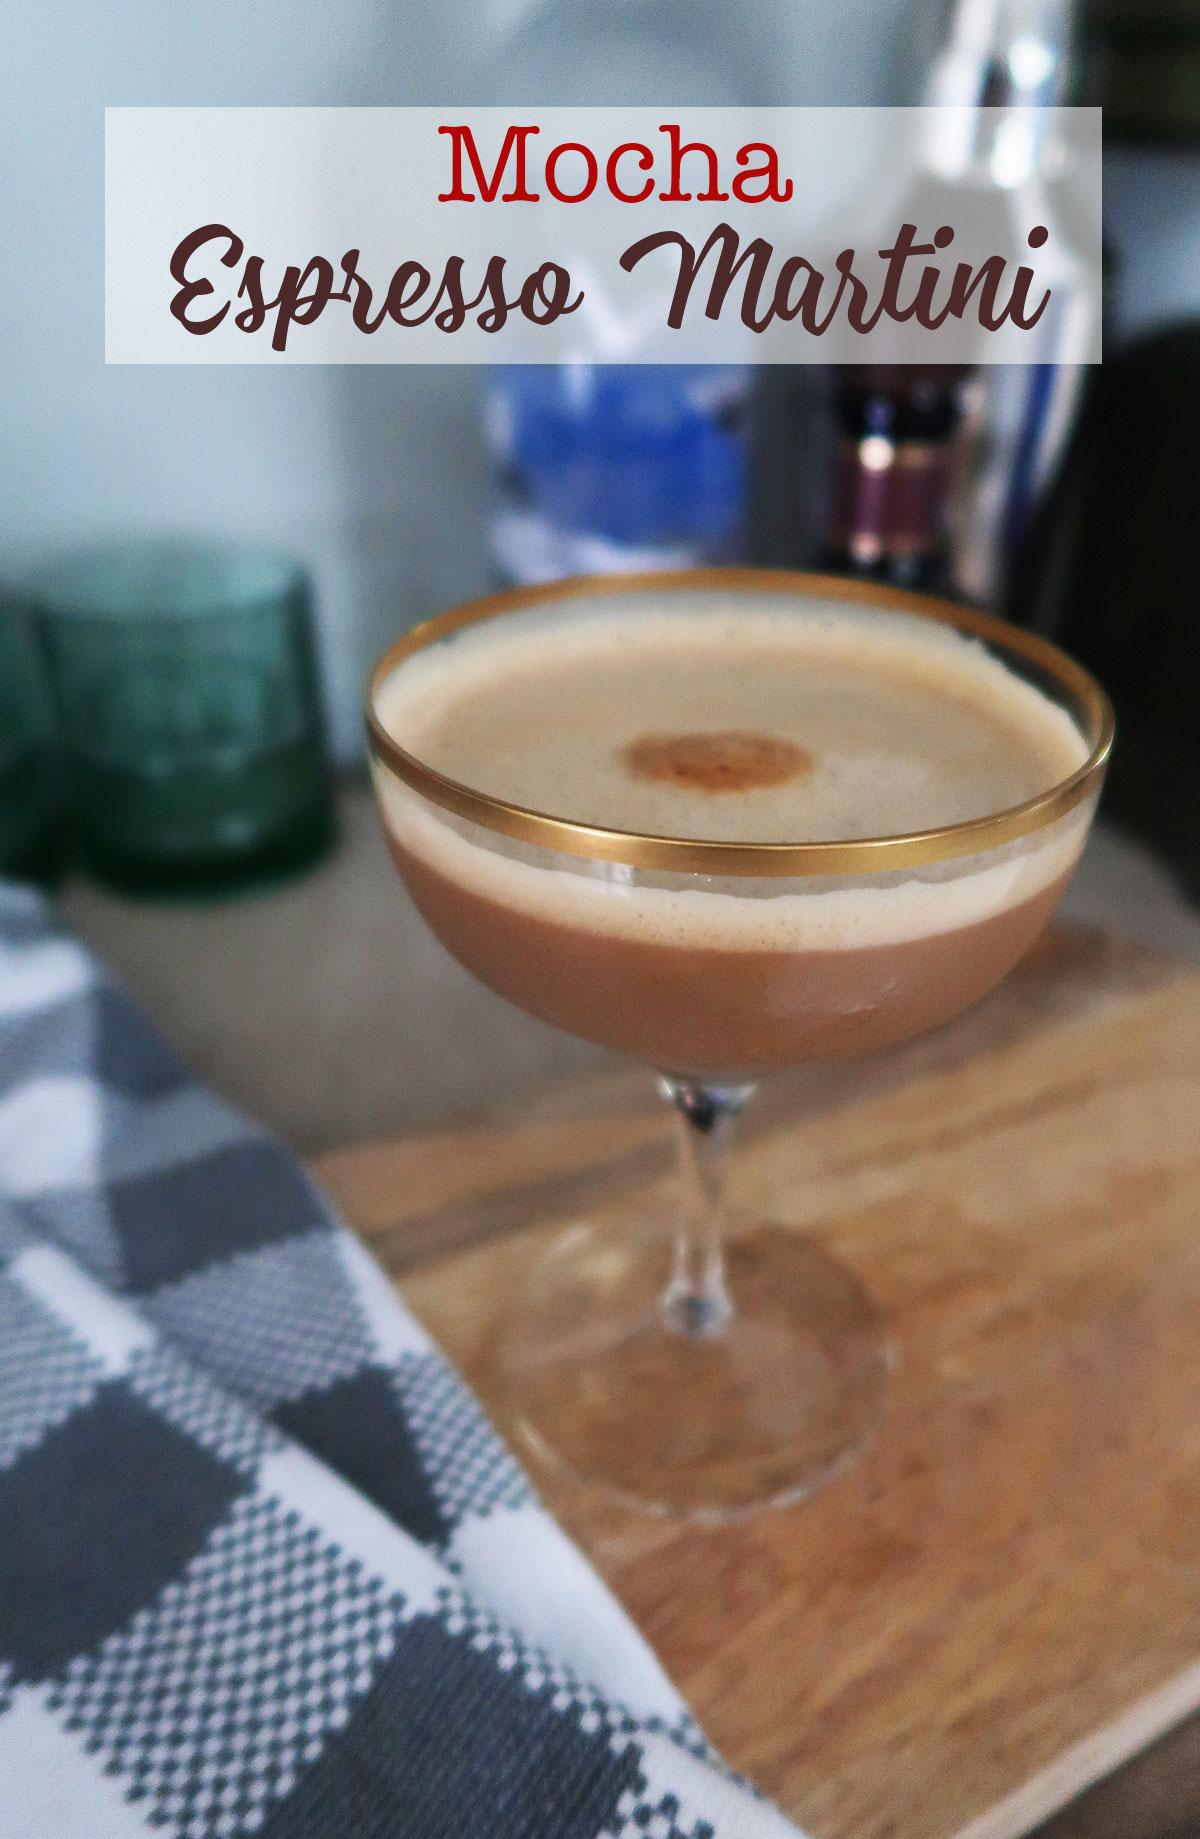 mocha espresso martini recipe